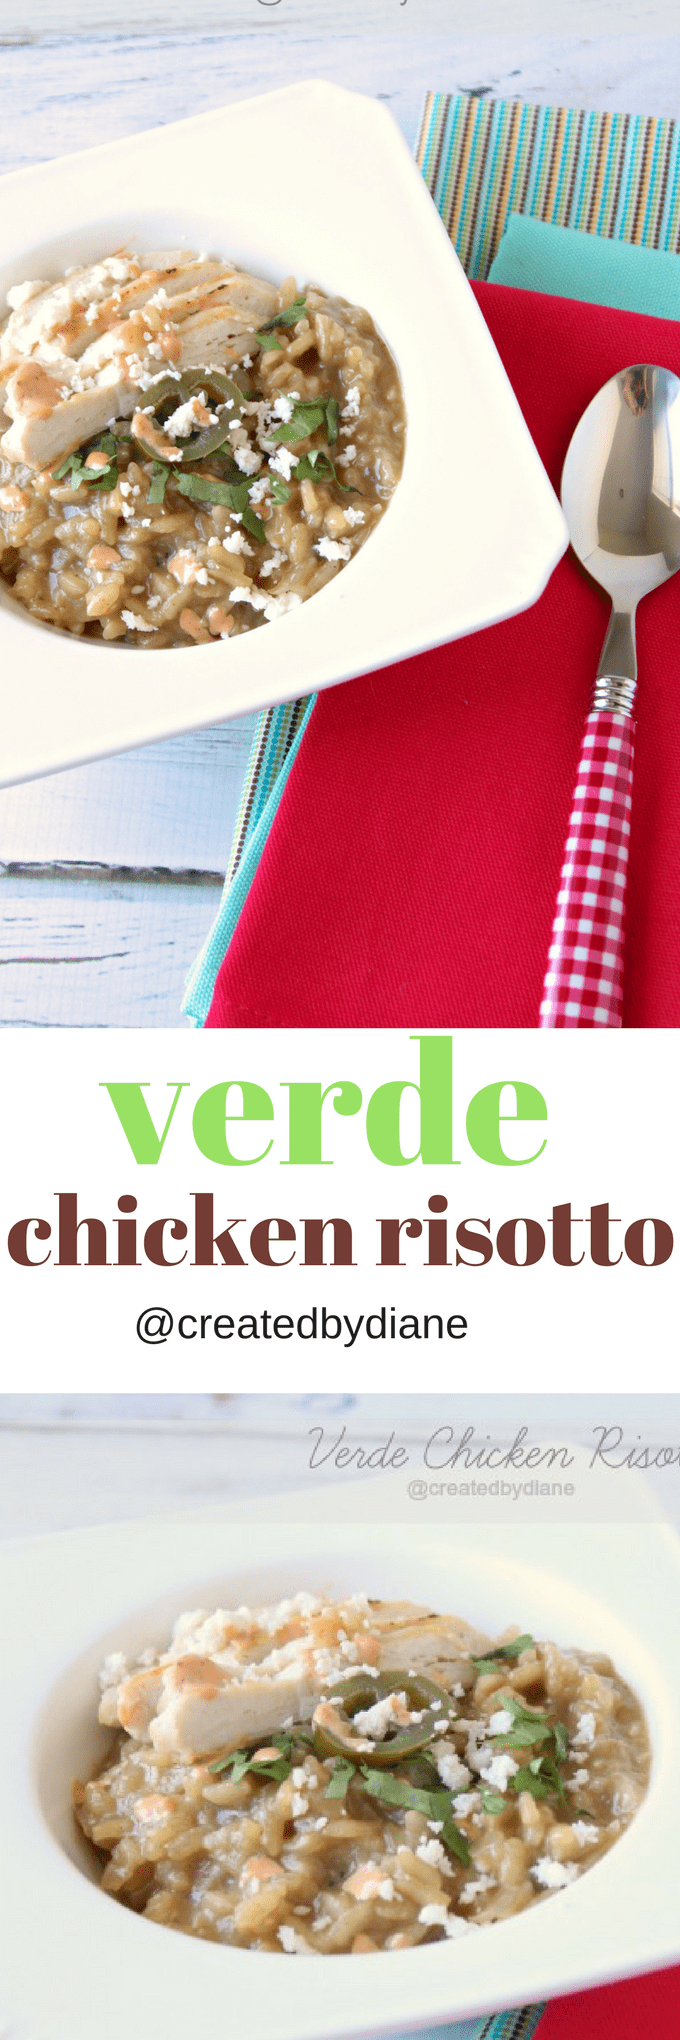 verde chicken risotto @createdbydiane